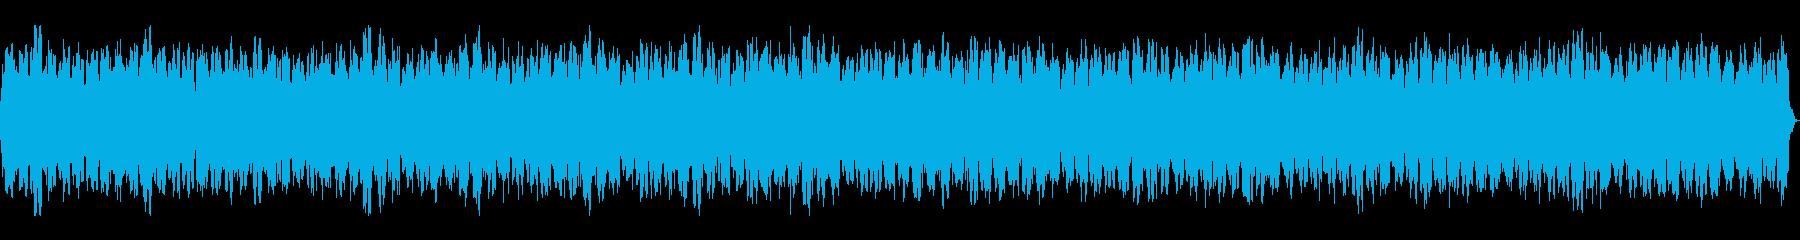 不思議系・説明系の映像に合うスローBGMの再生済みの波形